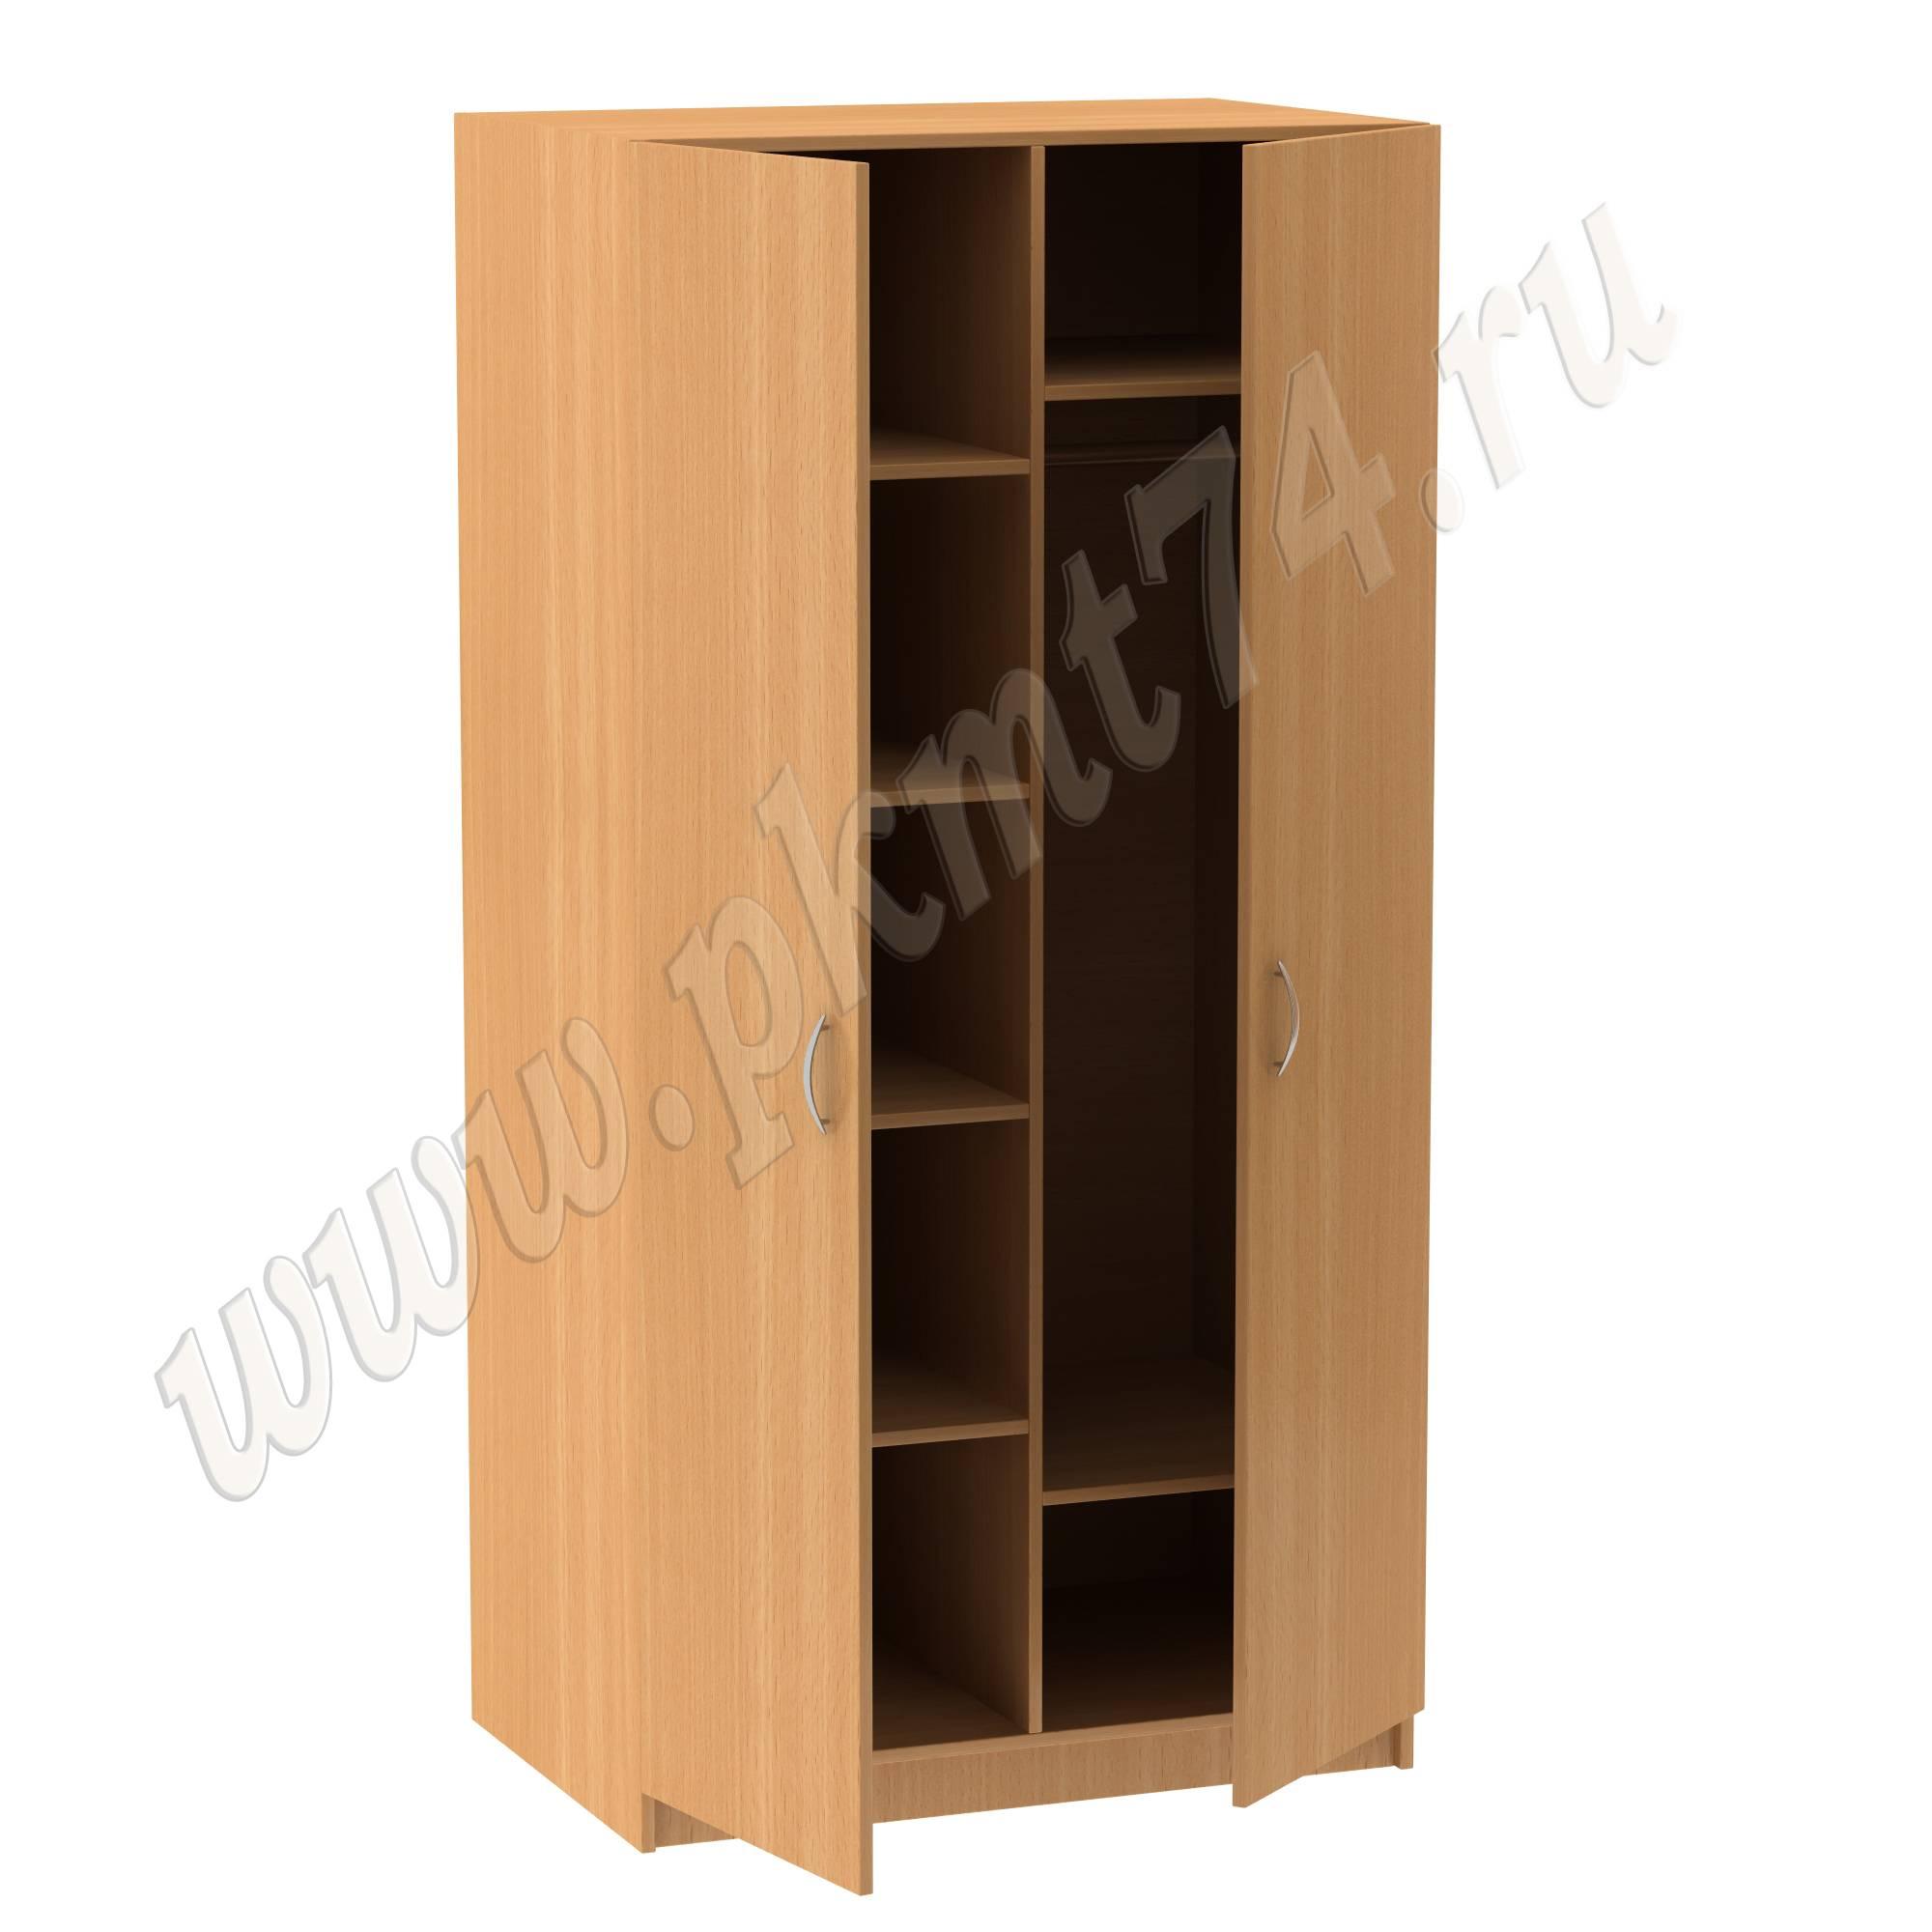 Шкаф комбинированный с хромированной трубой МТ 14-13 бук